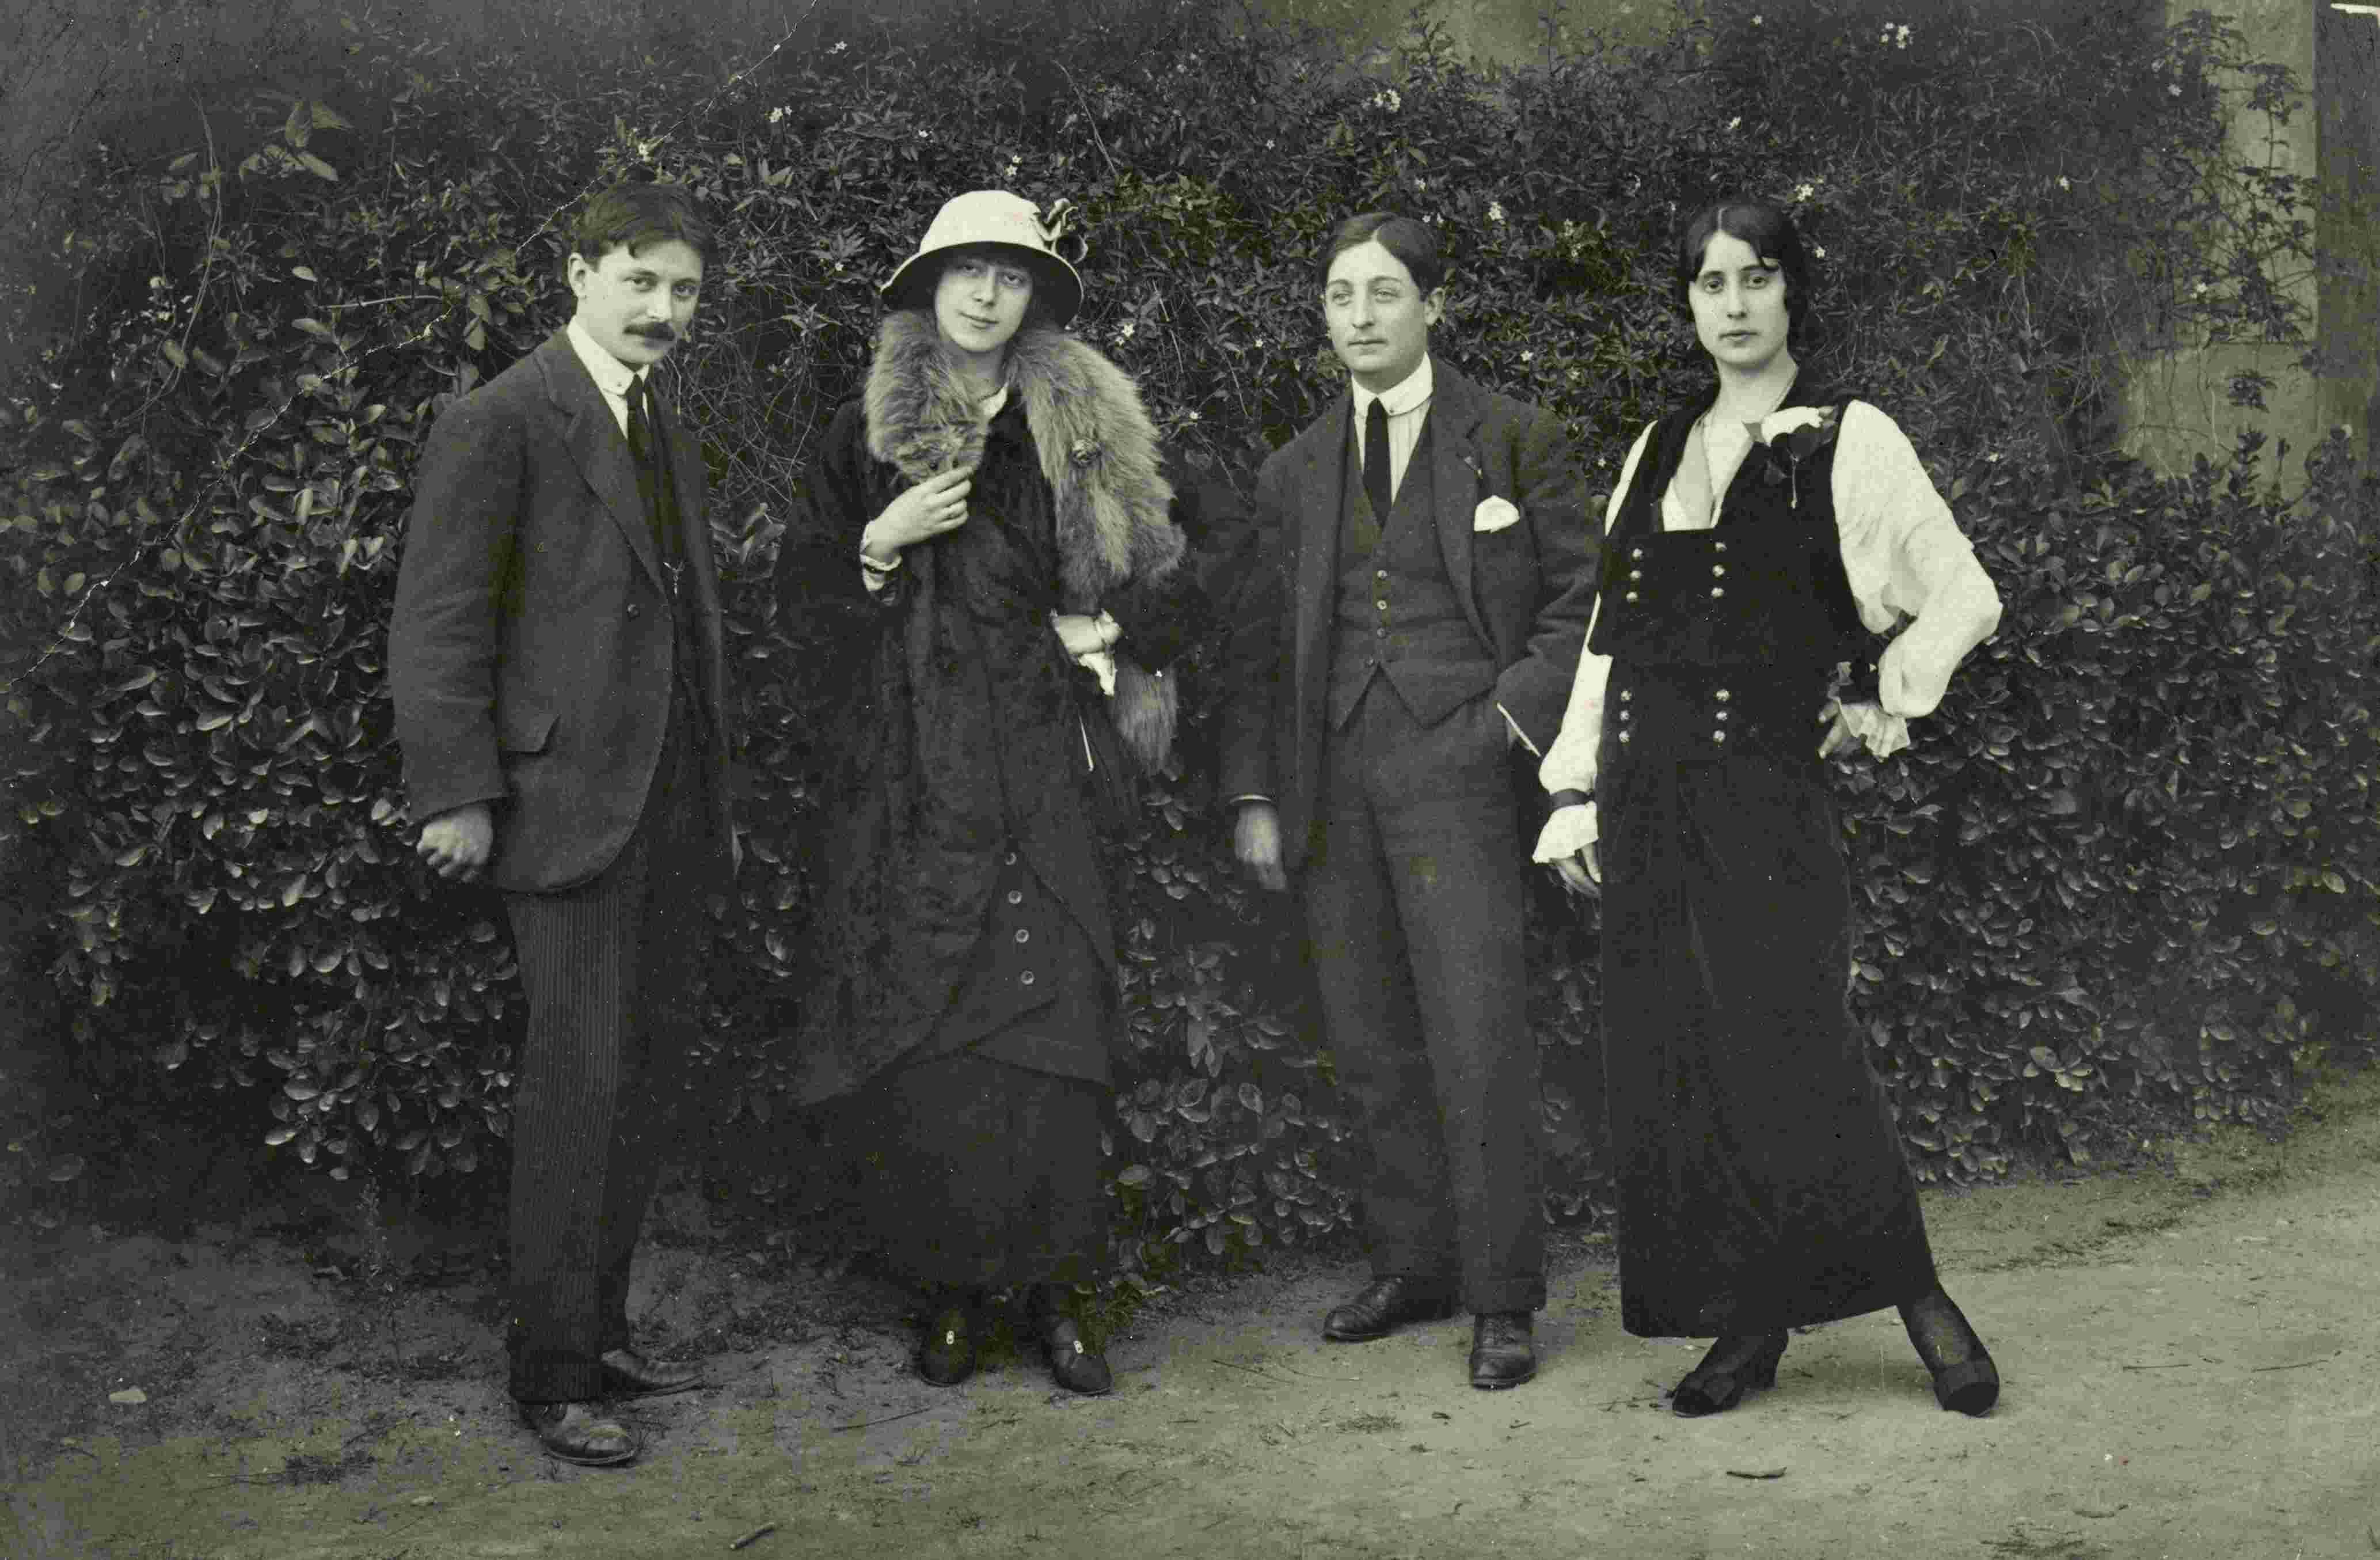 José María Mascort Galibern, a la izquierda, seguido de Dolores (Lola) Sanz Selma y a los hermanos Alfonso y Clara (Clarita) Mercader Galibern